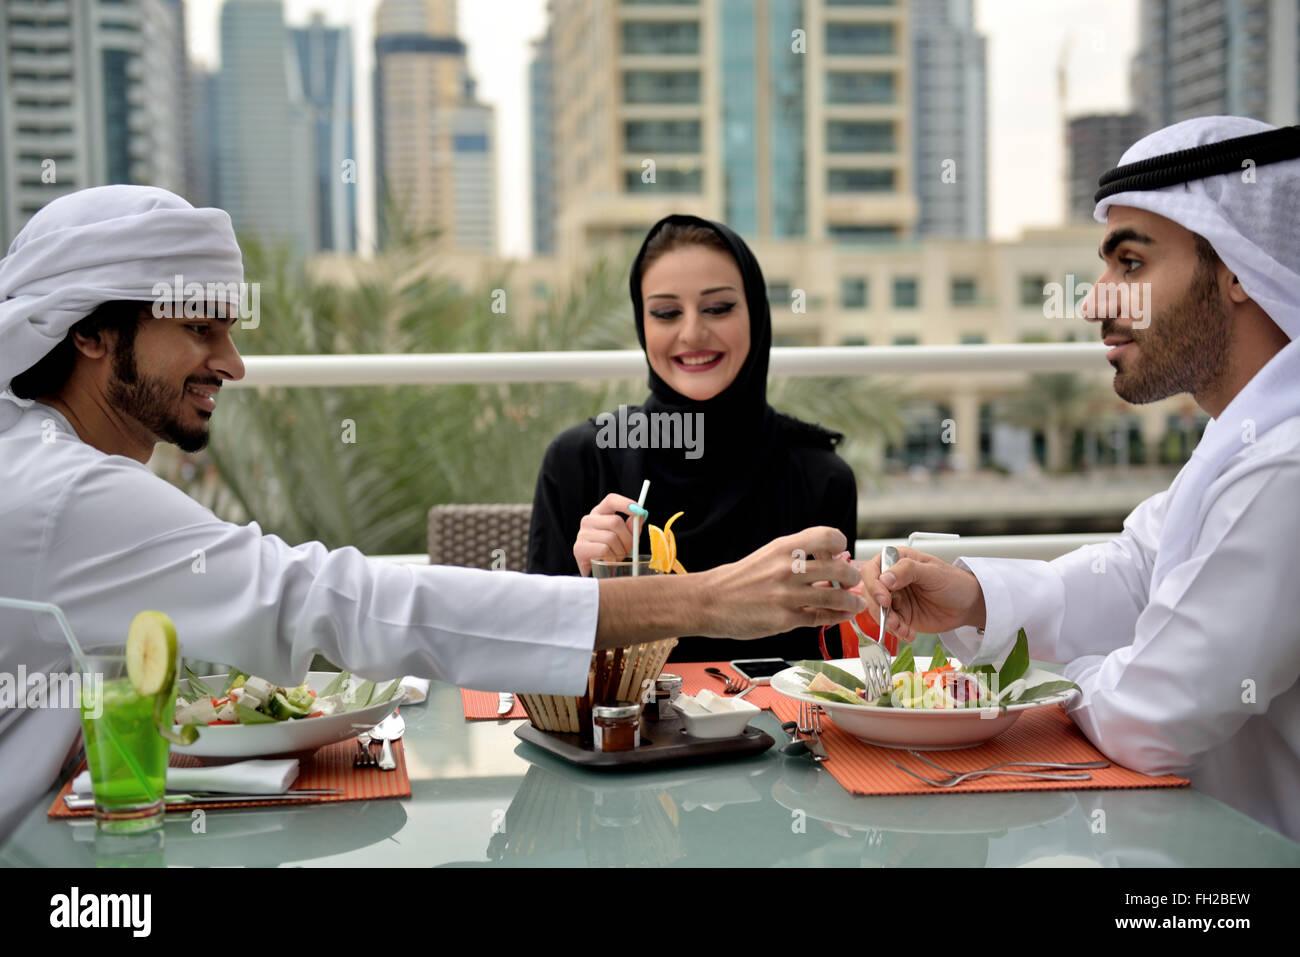 Los jóvenes de los emiratos árabes amigos cenando en un restaurante Foto de stock